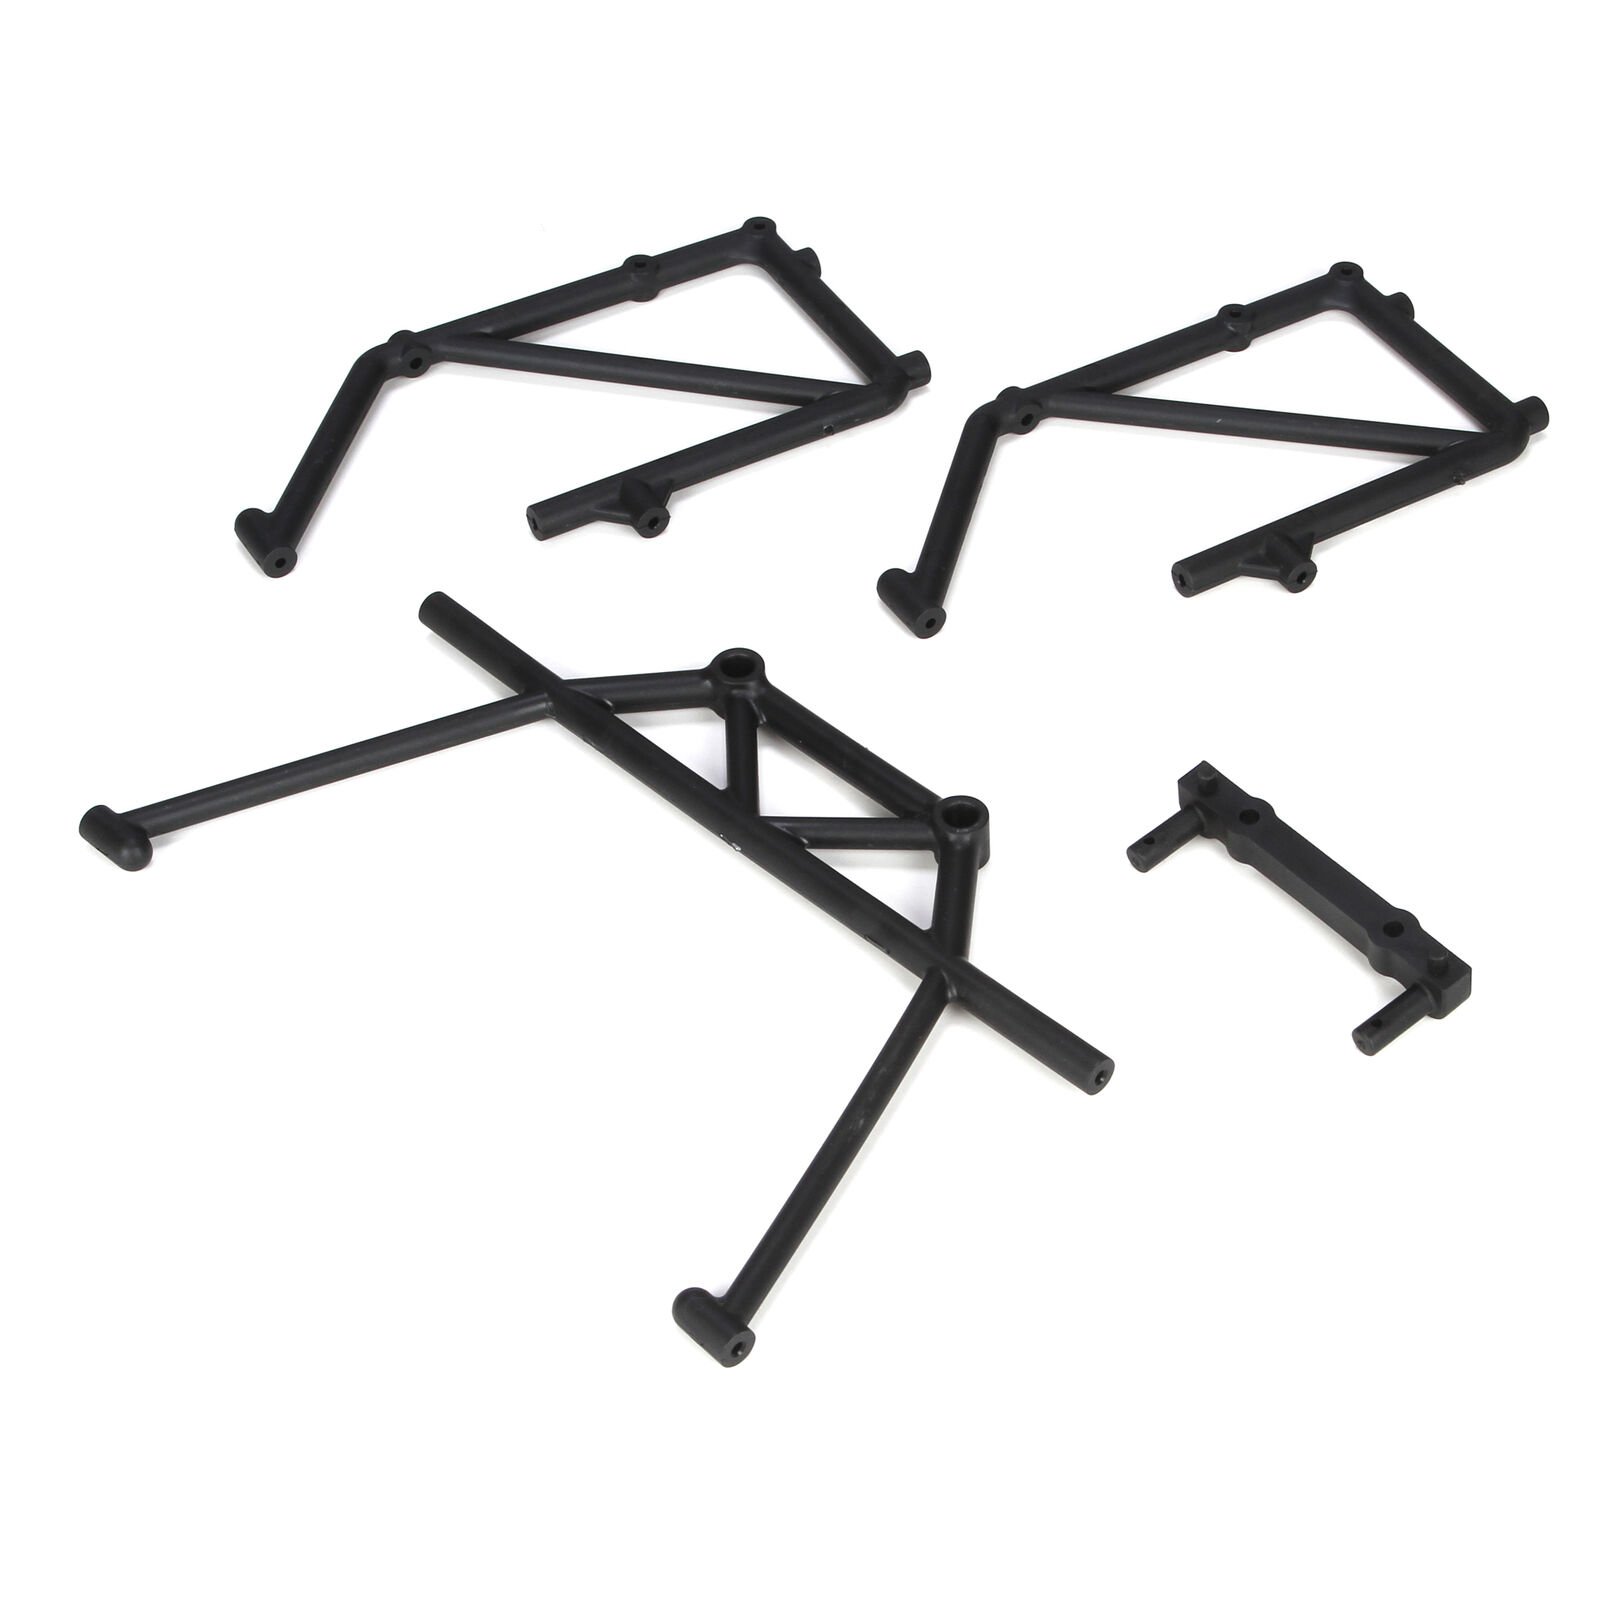 5ive-T -Support d'ailes et d'arceau arrière (4)